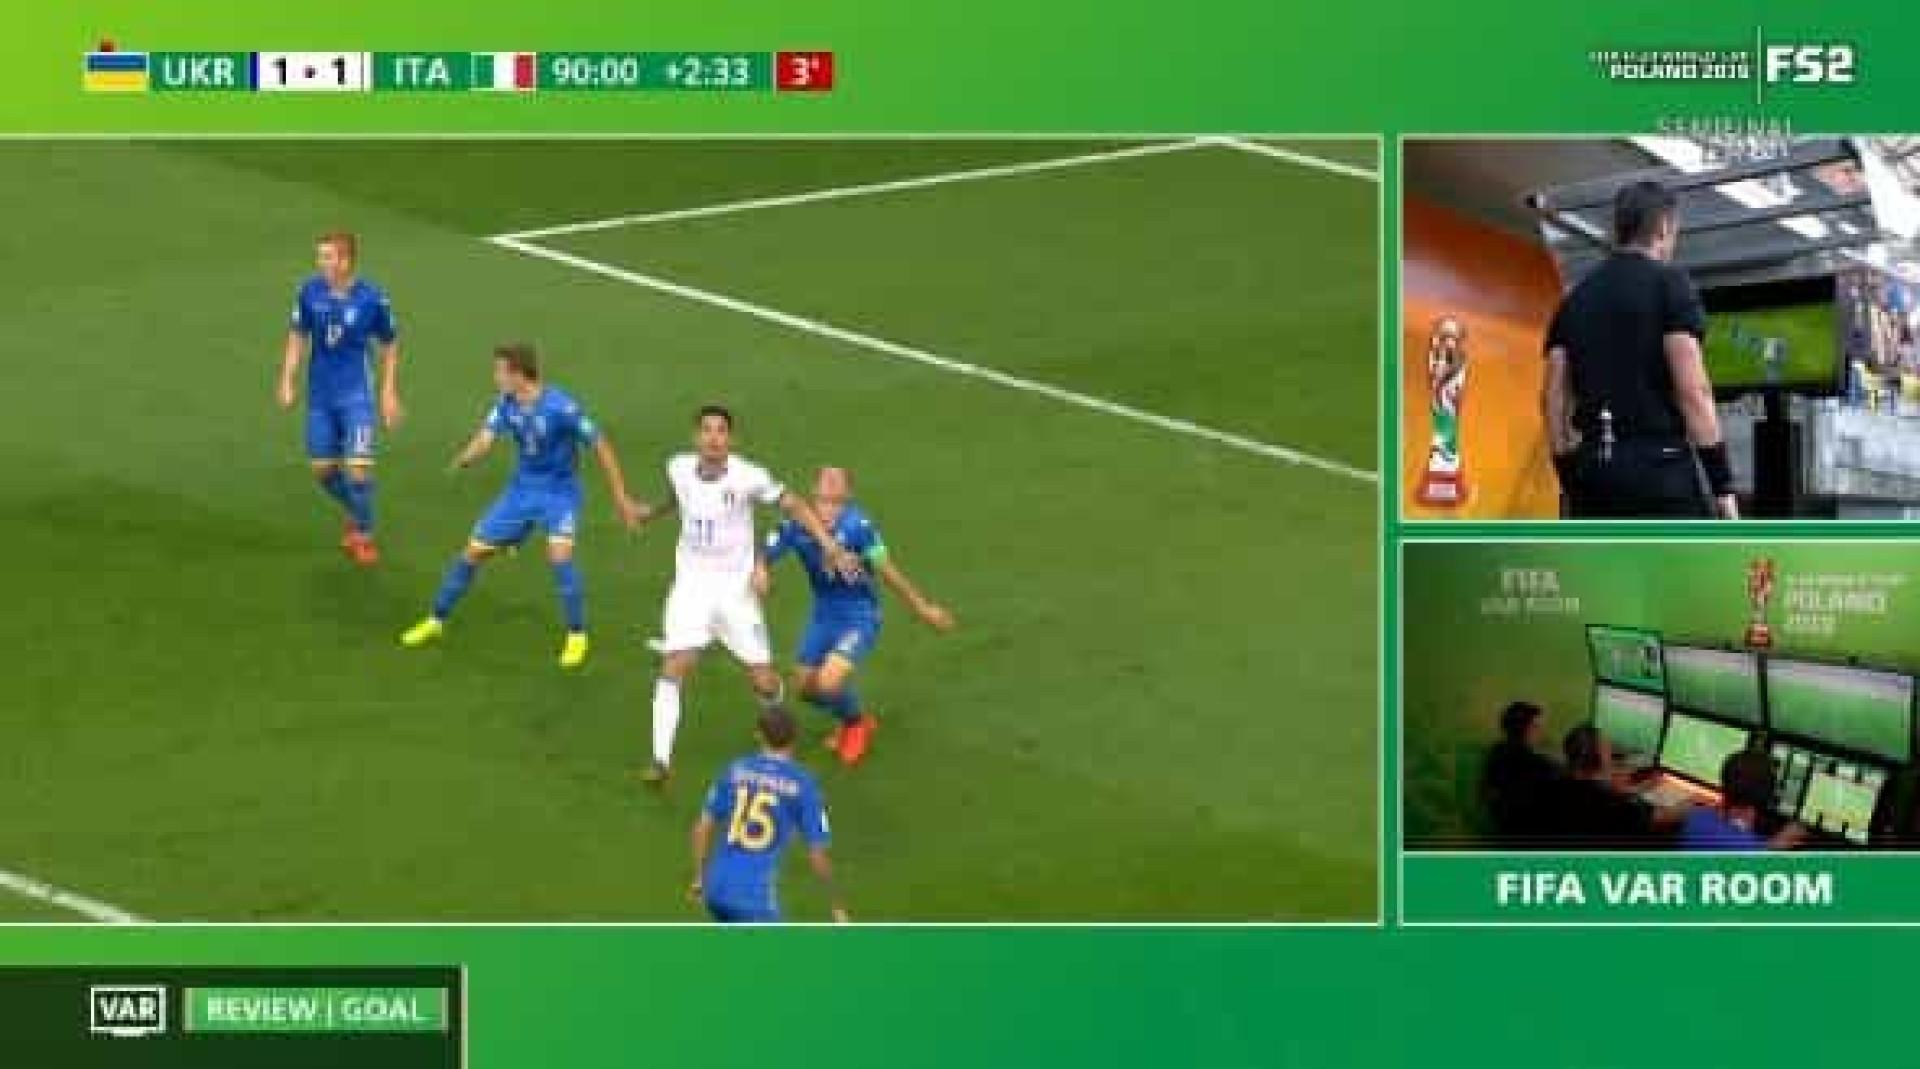 Mundial de sub-20: VAR anula golaço na compensação e Itália é eliminada